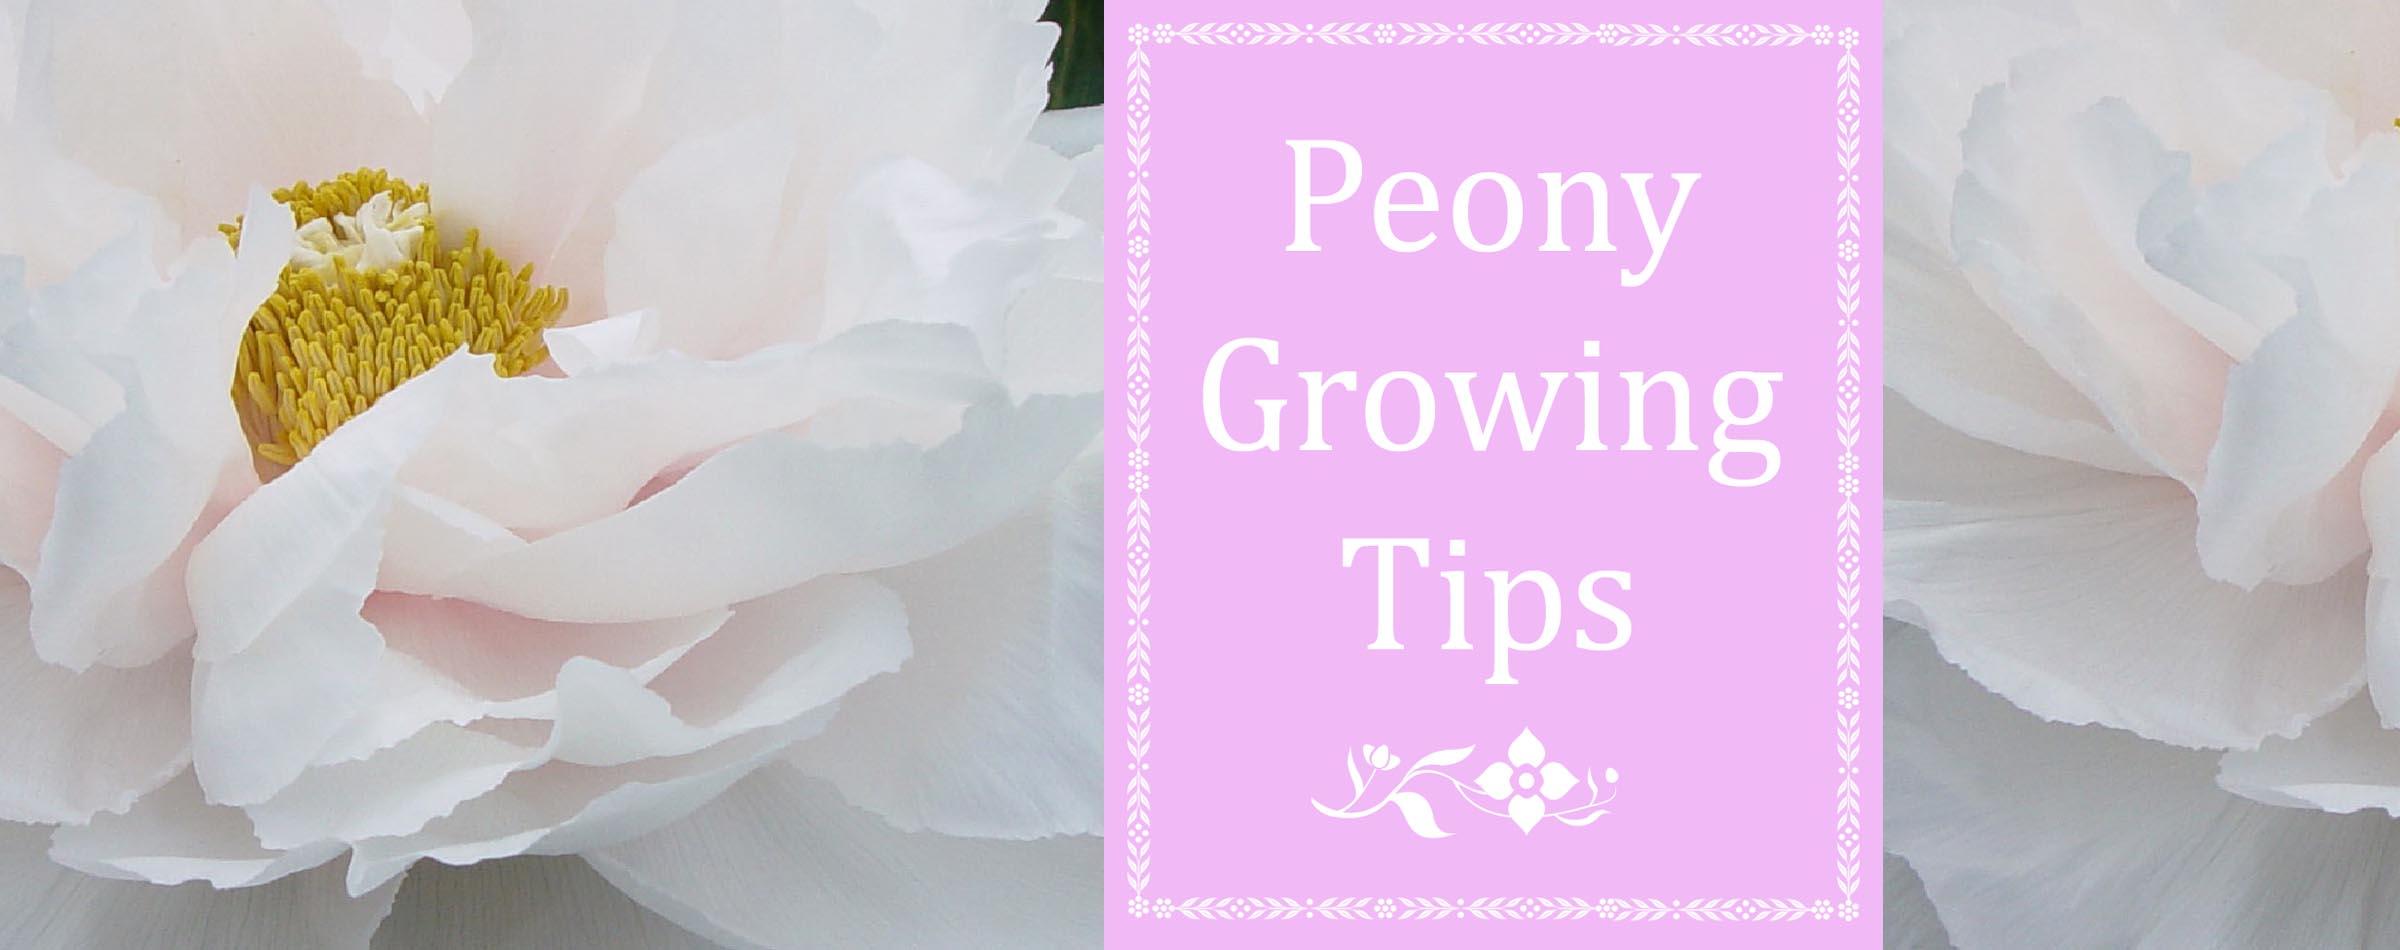 Peony Growing Tips